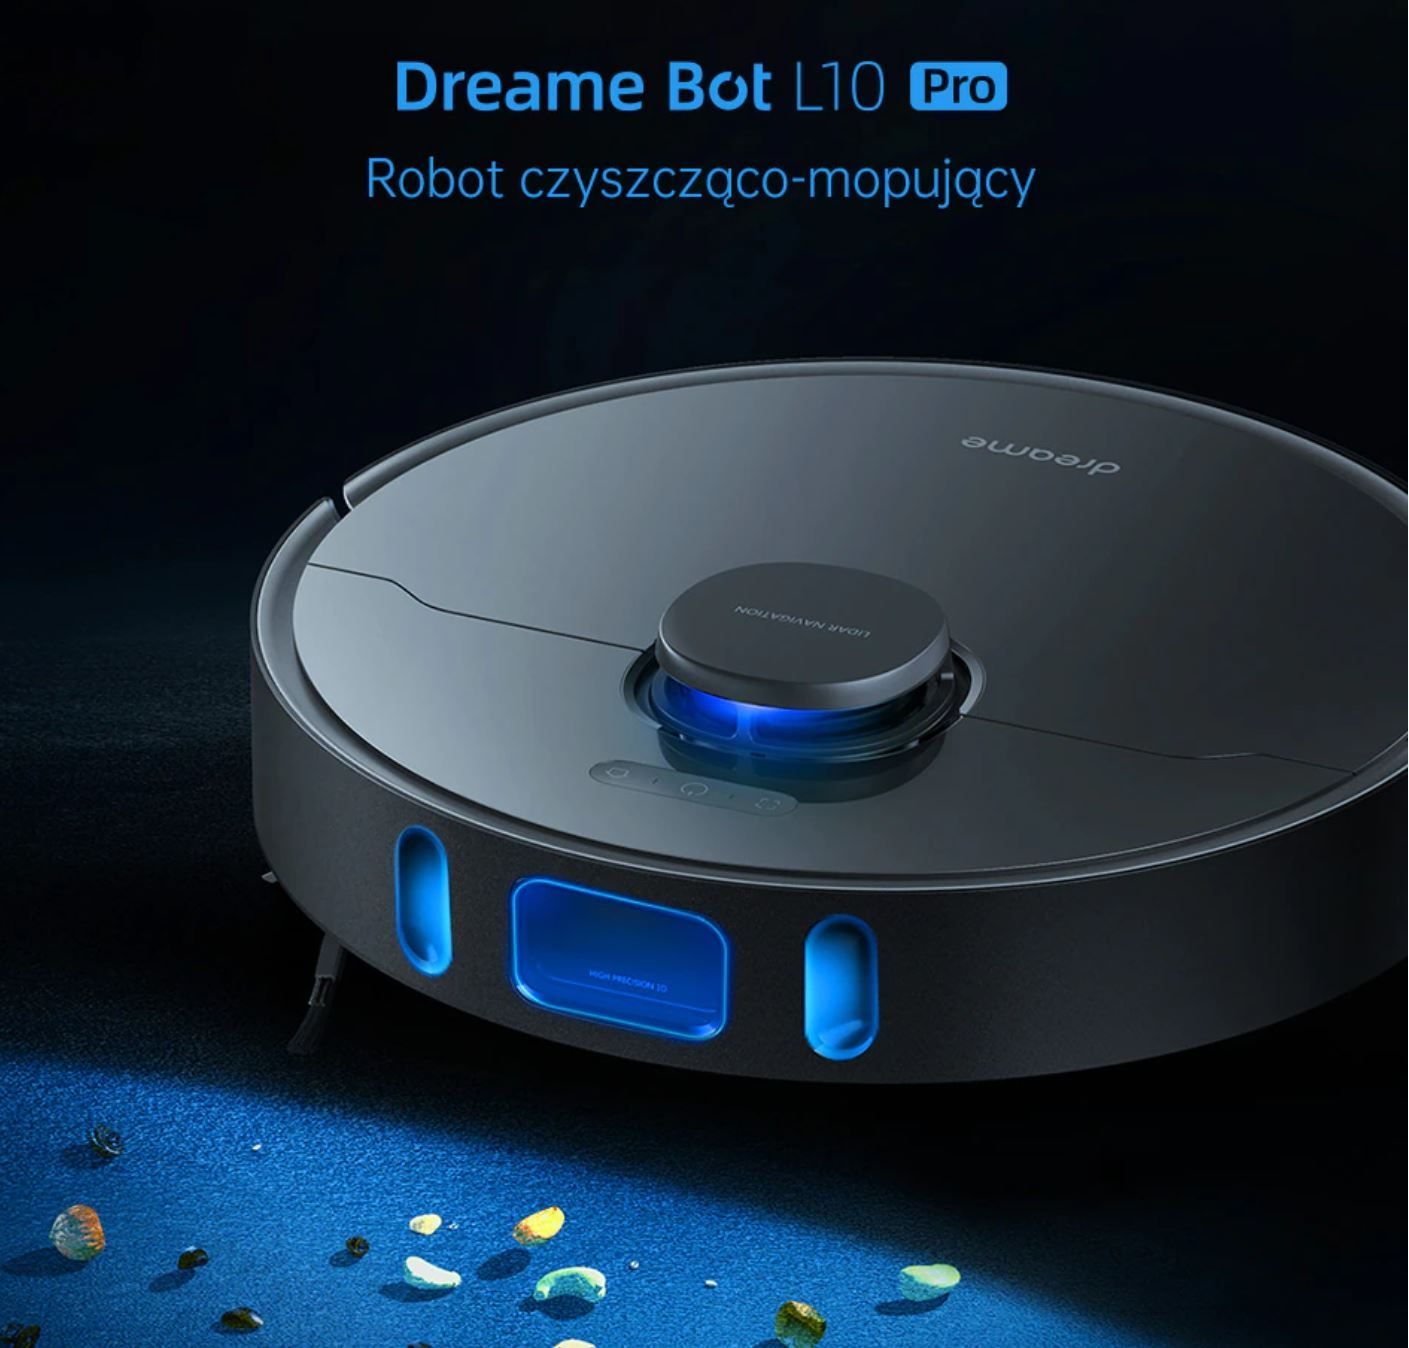 Najpopularniejsze roboty sprzątające z Aliexpress - Dreame Bot L10 Pro